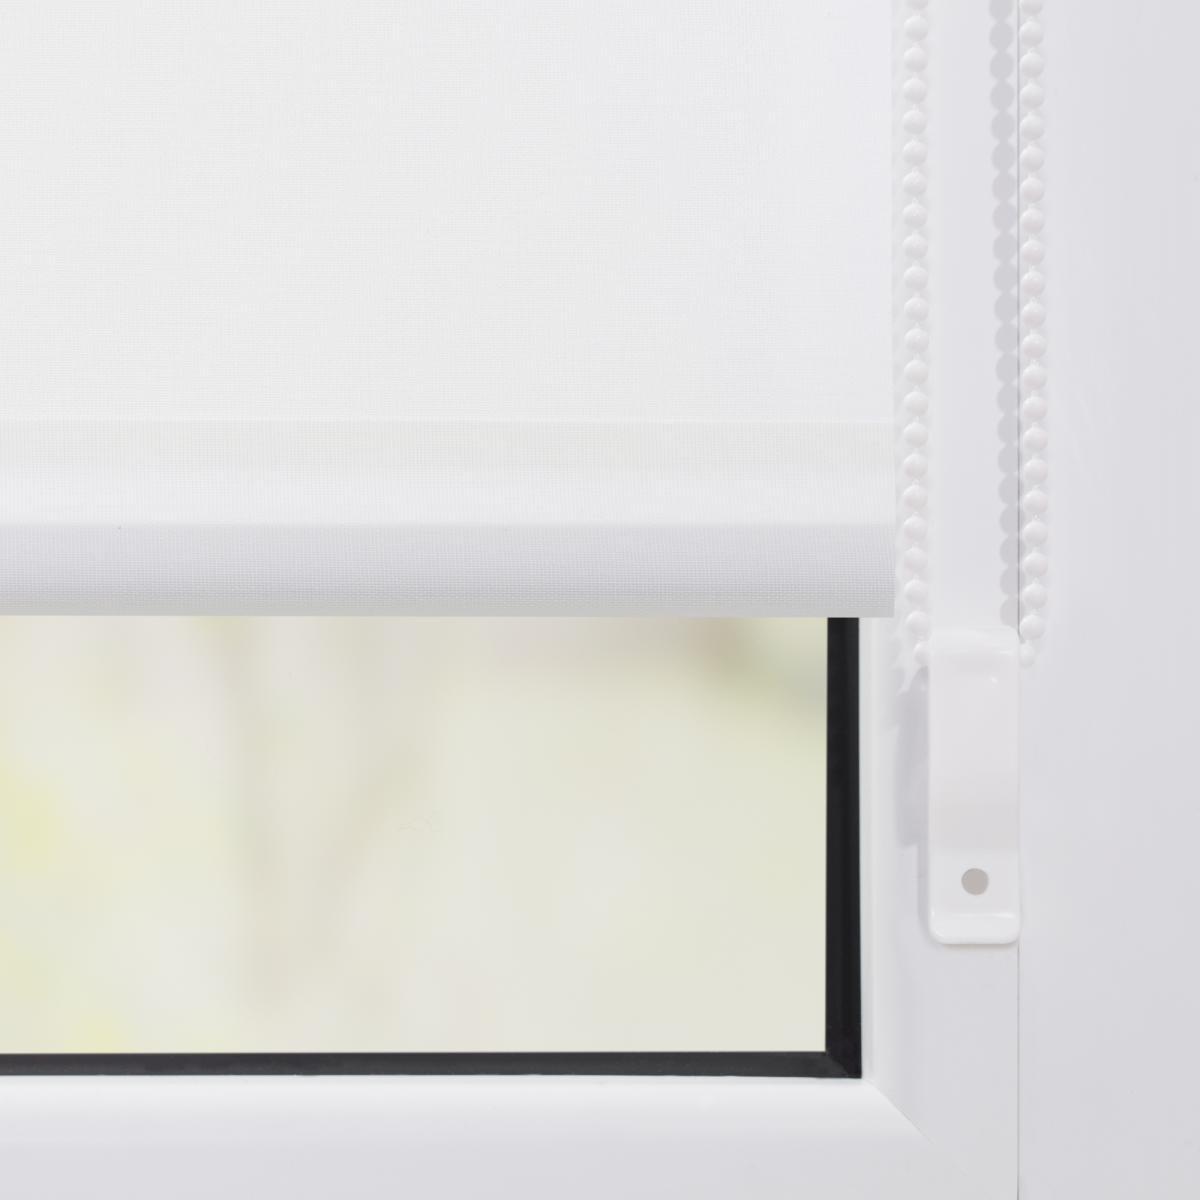 Bild 2 von Lichtblick Rollo Klemmfix, ohne Bohren, blickdicht, Rentiere Muster - Rot Weiß, 80 cm x 150 cm (B x